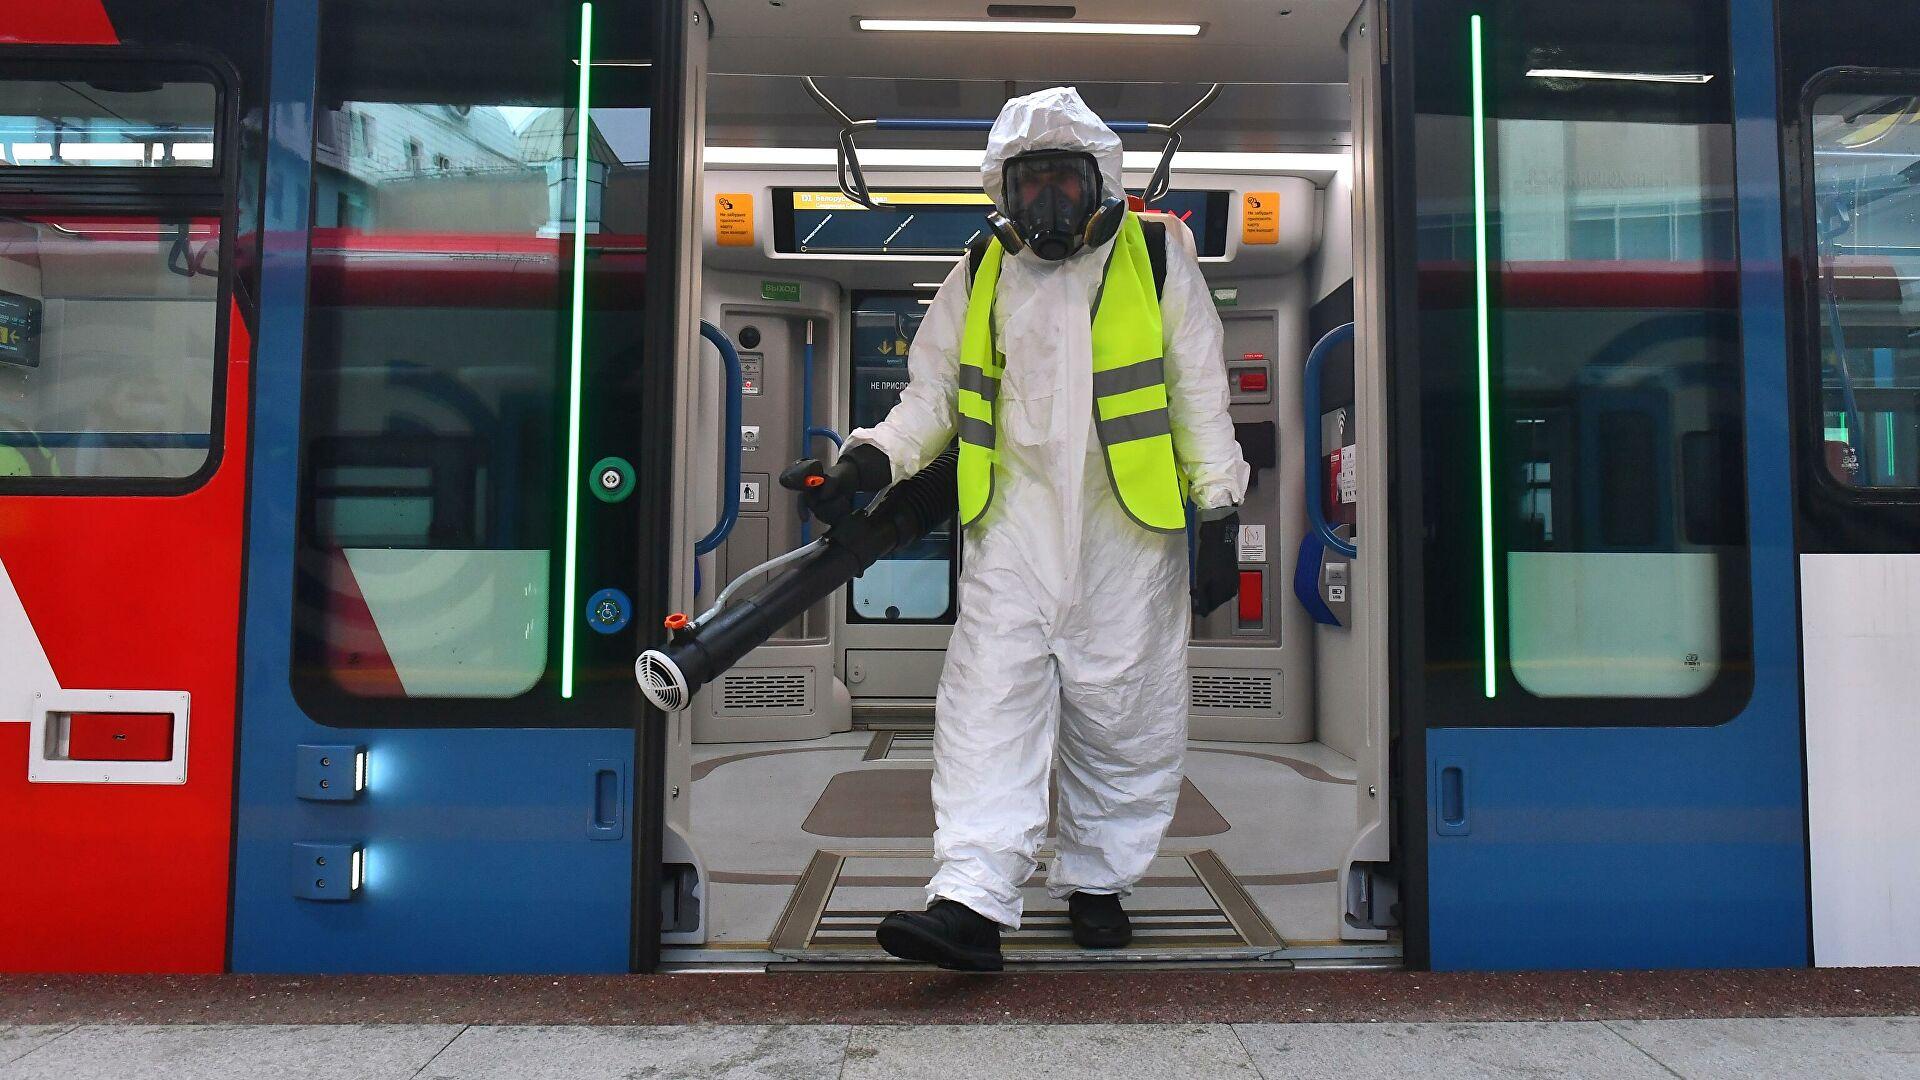 Специалисты обнаружили коронавирус на поверхностях в общественных местах